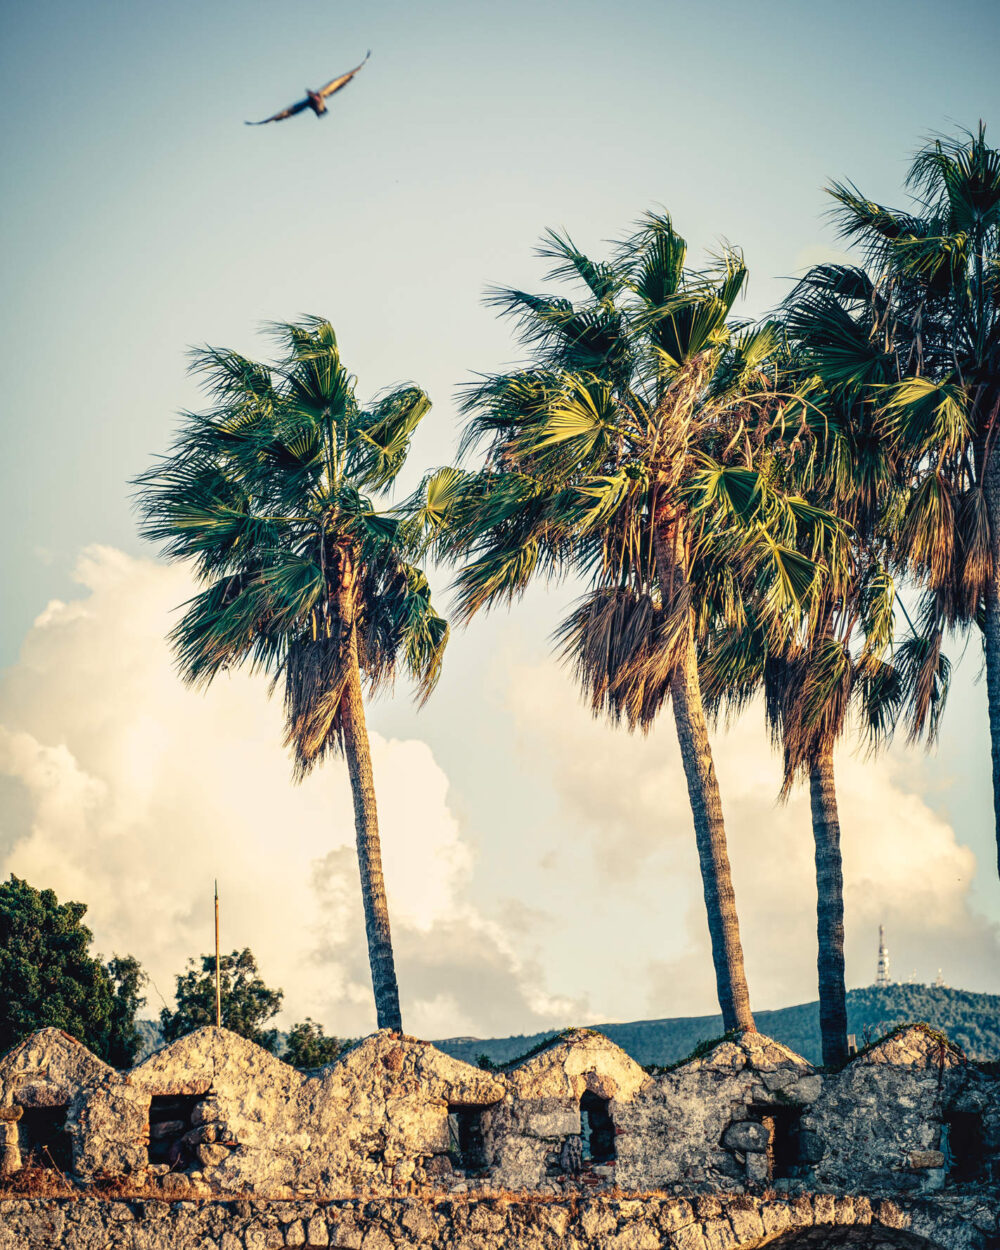 Burgmauer mit Palmen im Wind, eine Dohle fliegt durch das Bild